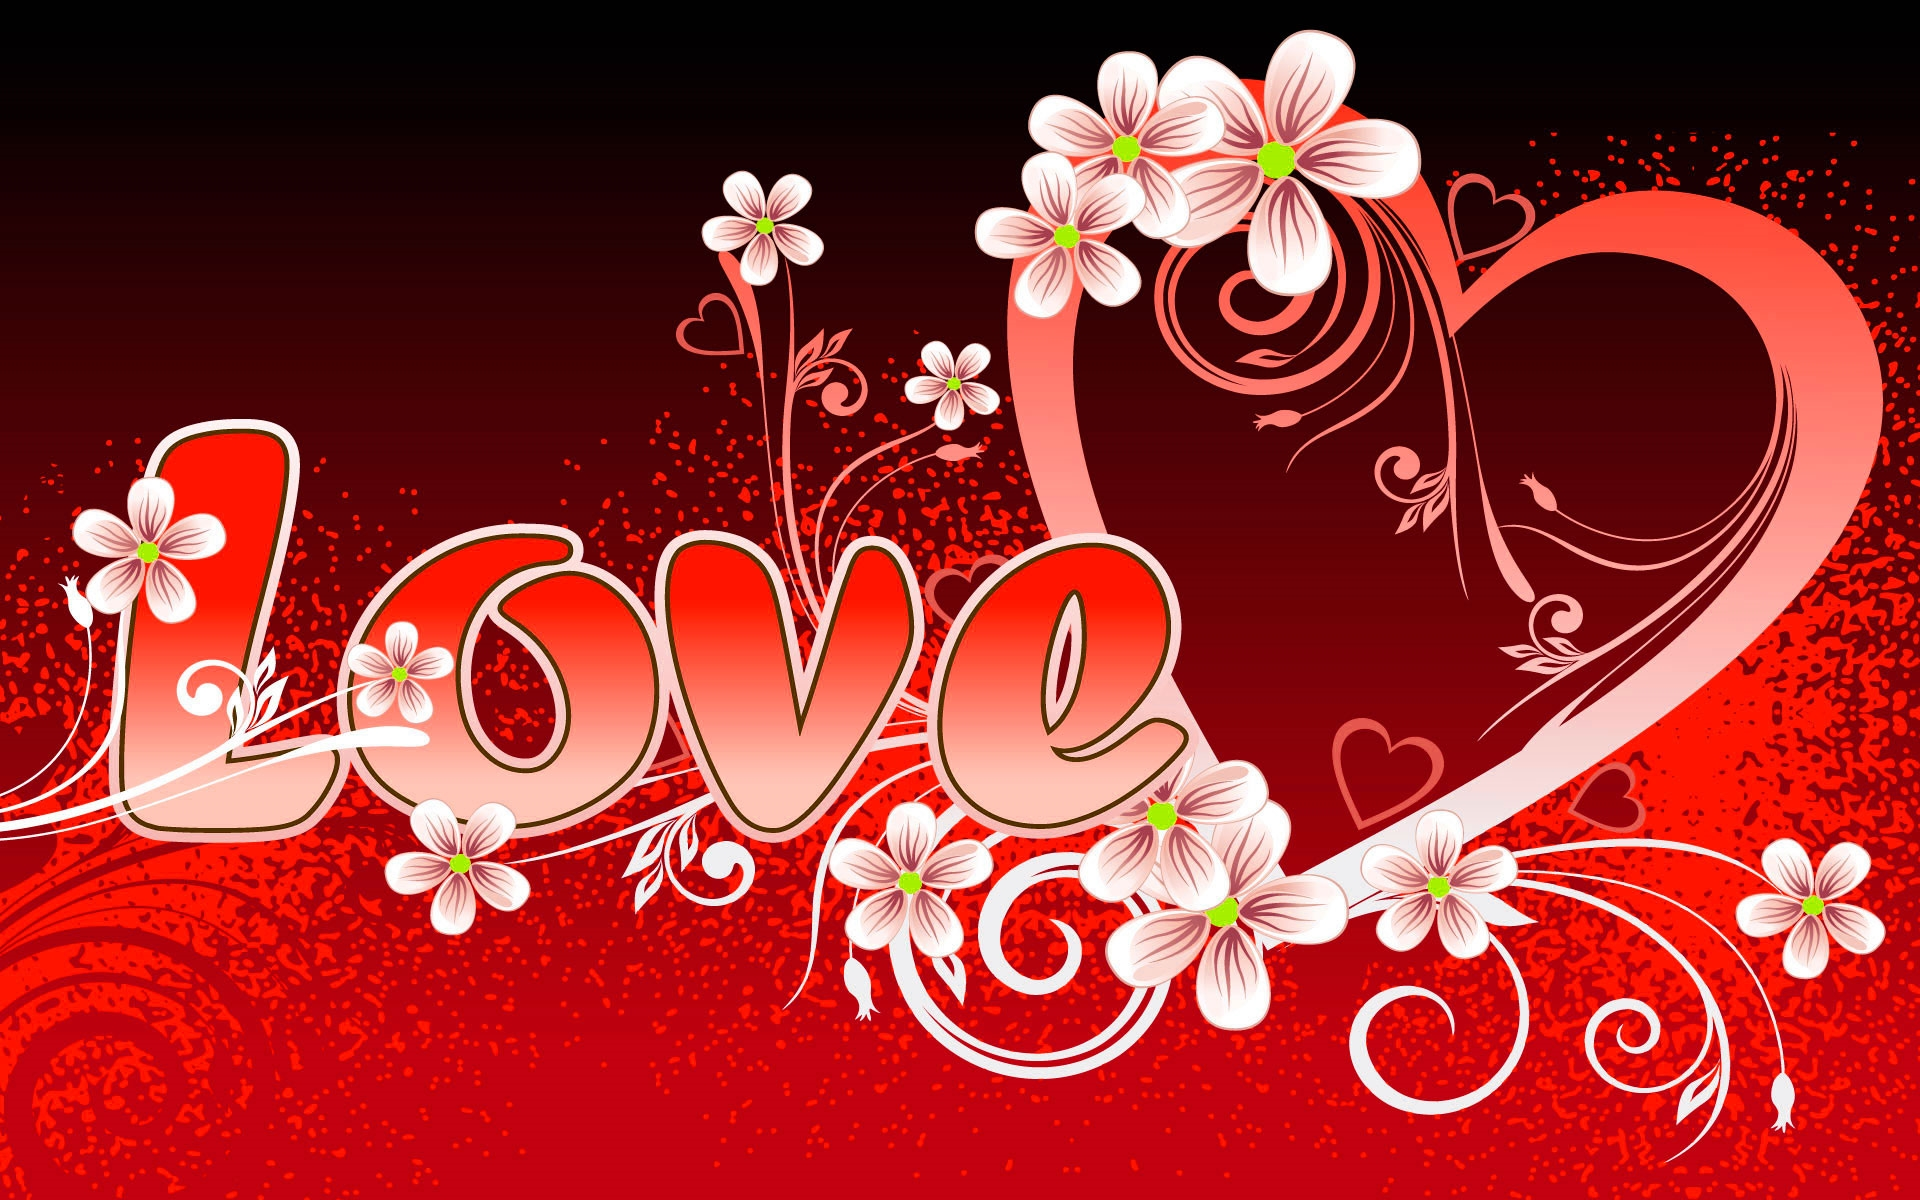 Картинки для рабочего стола любовь   скачать бесплатно (18)